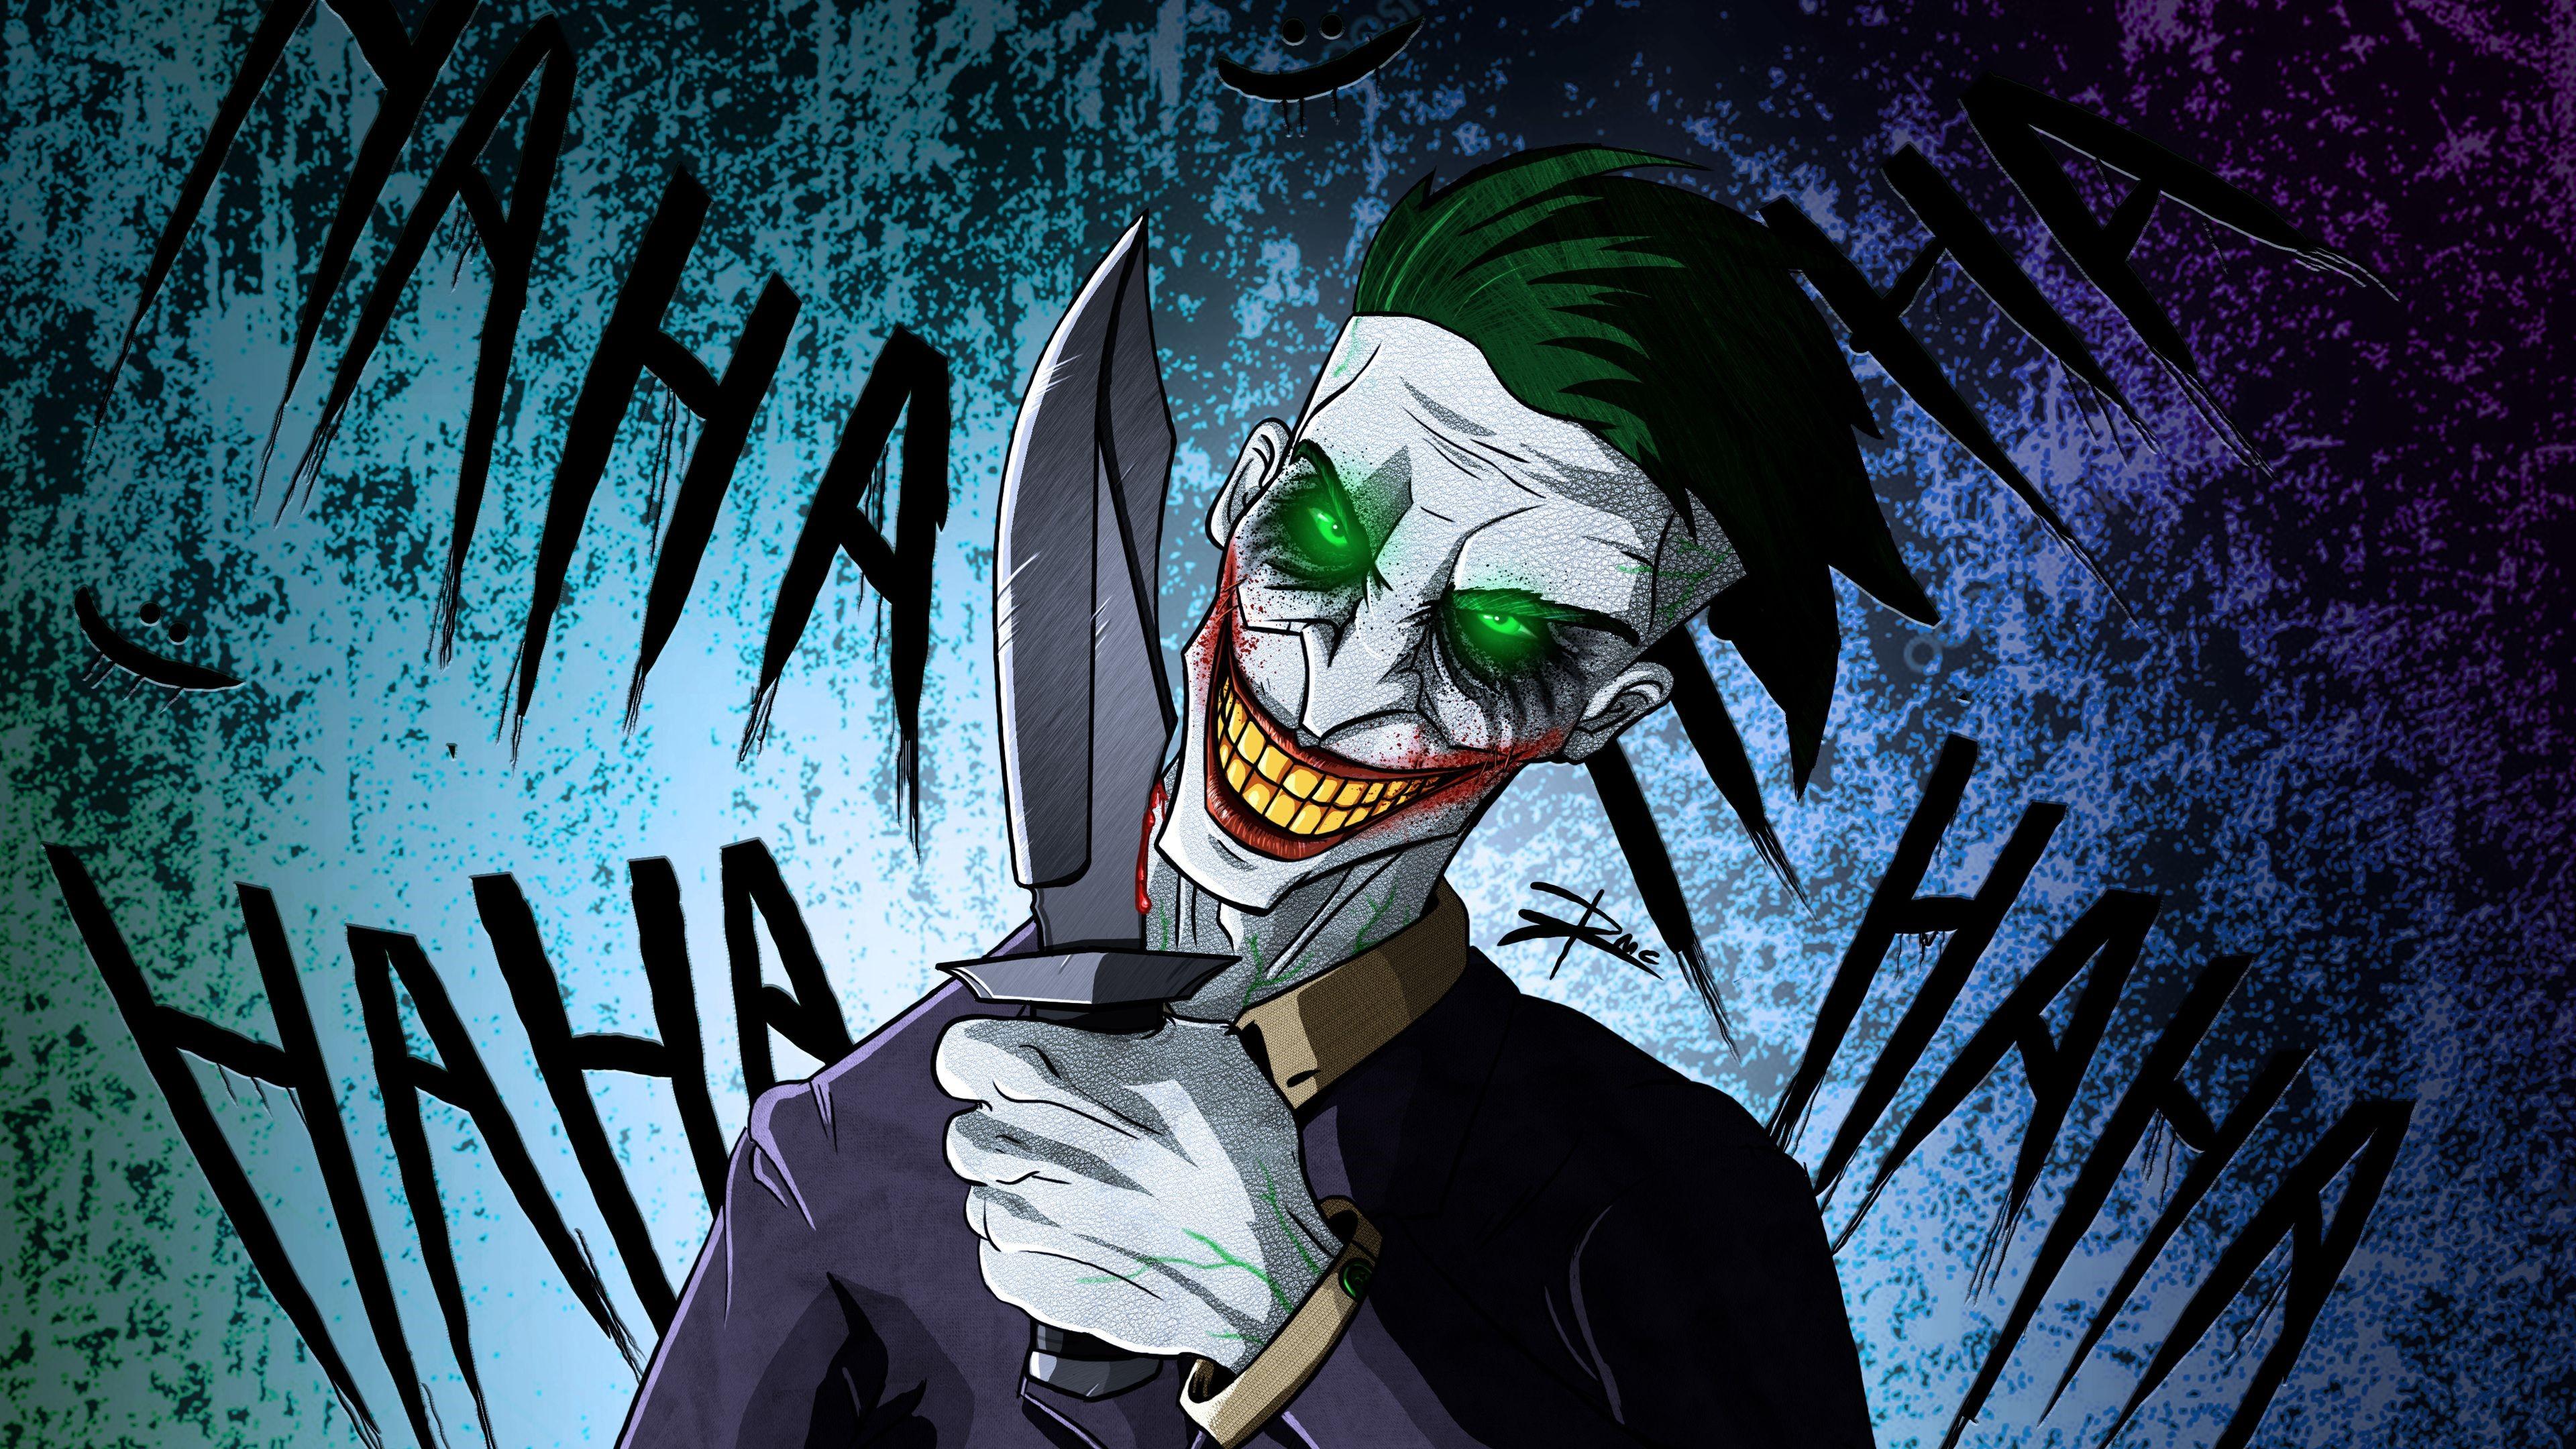 Joker 1080p fotoları